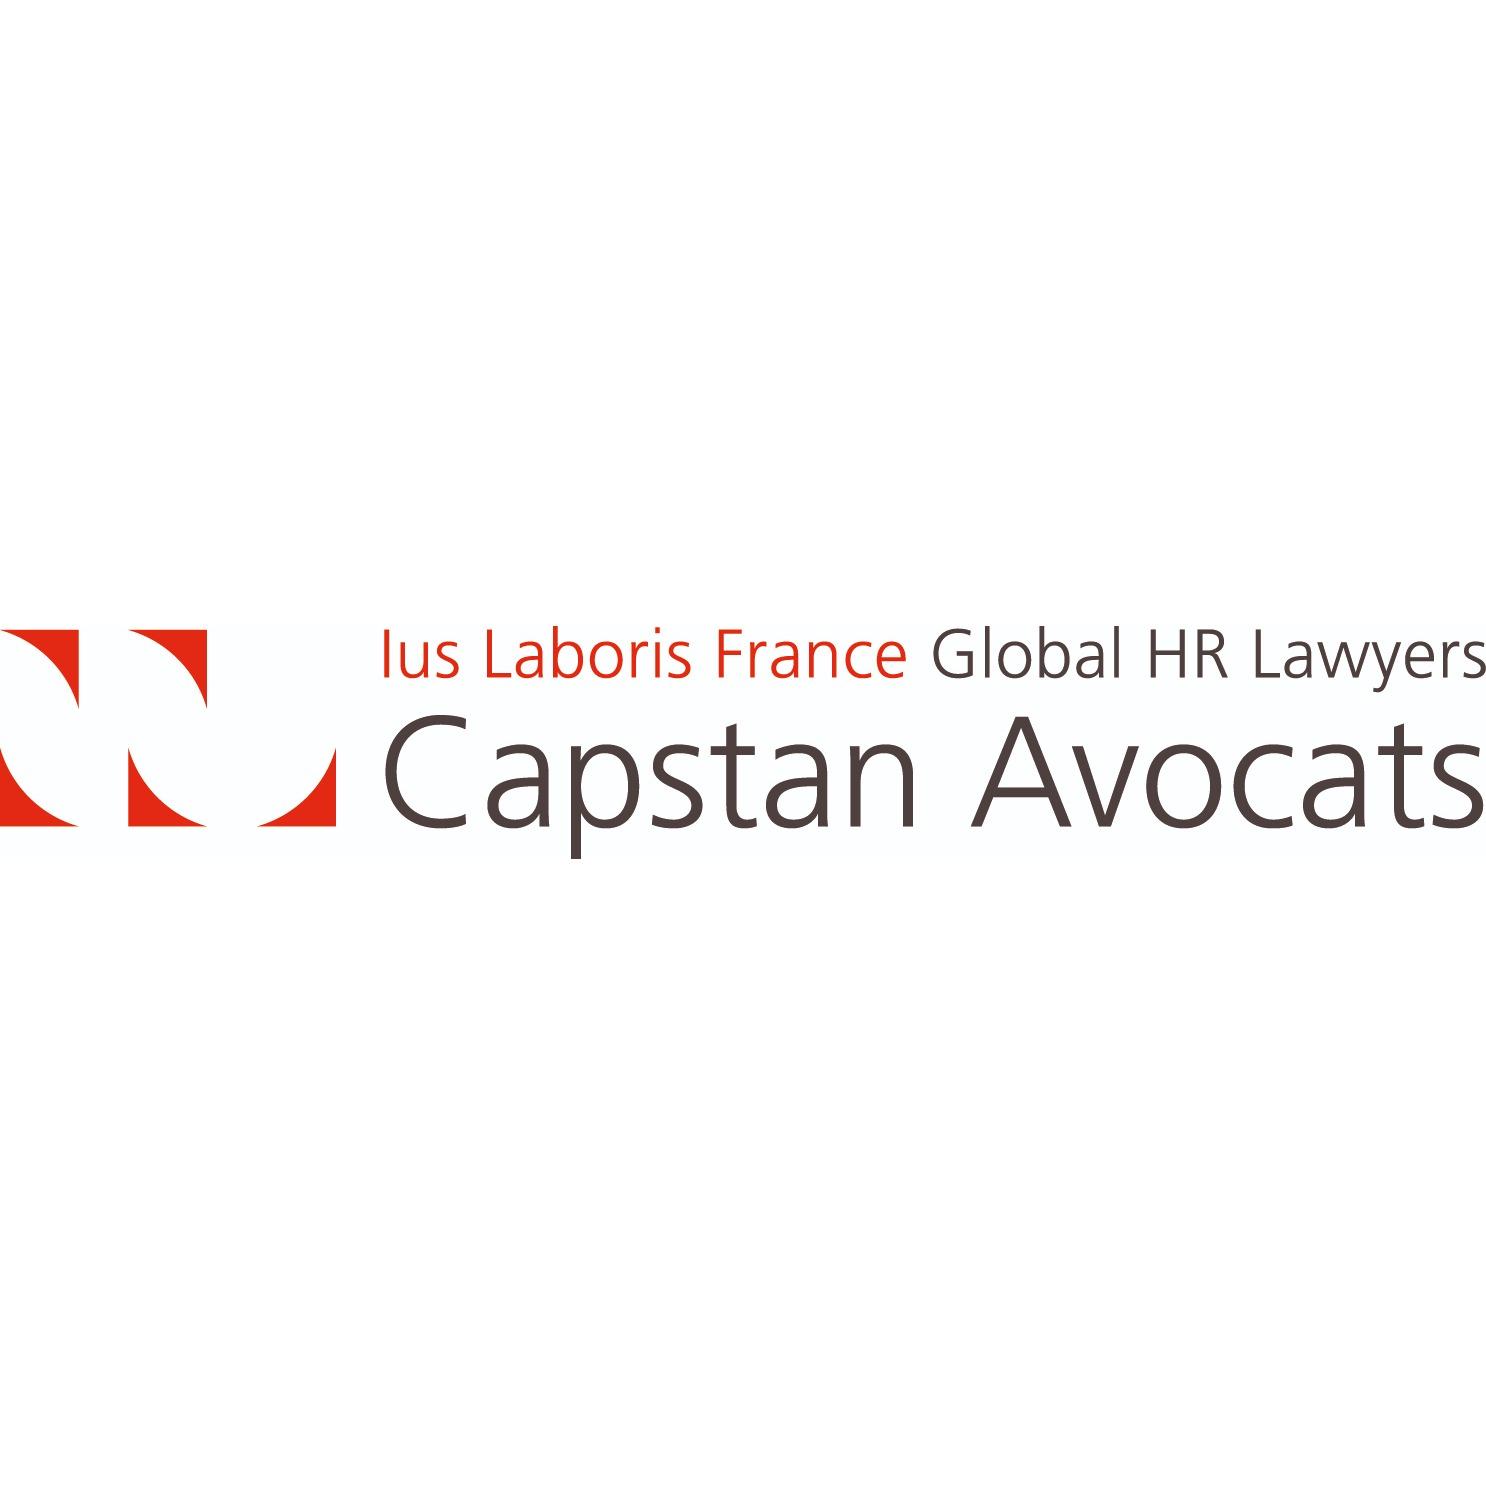 the Capstan Avocats logo.